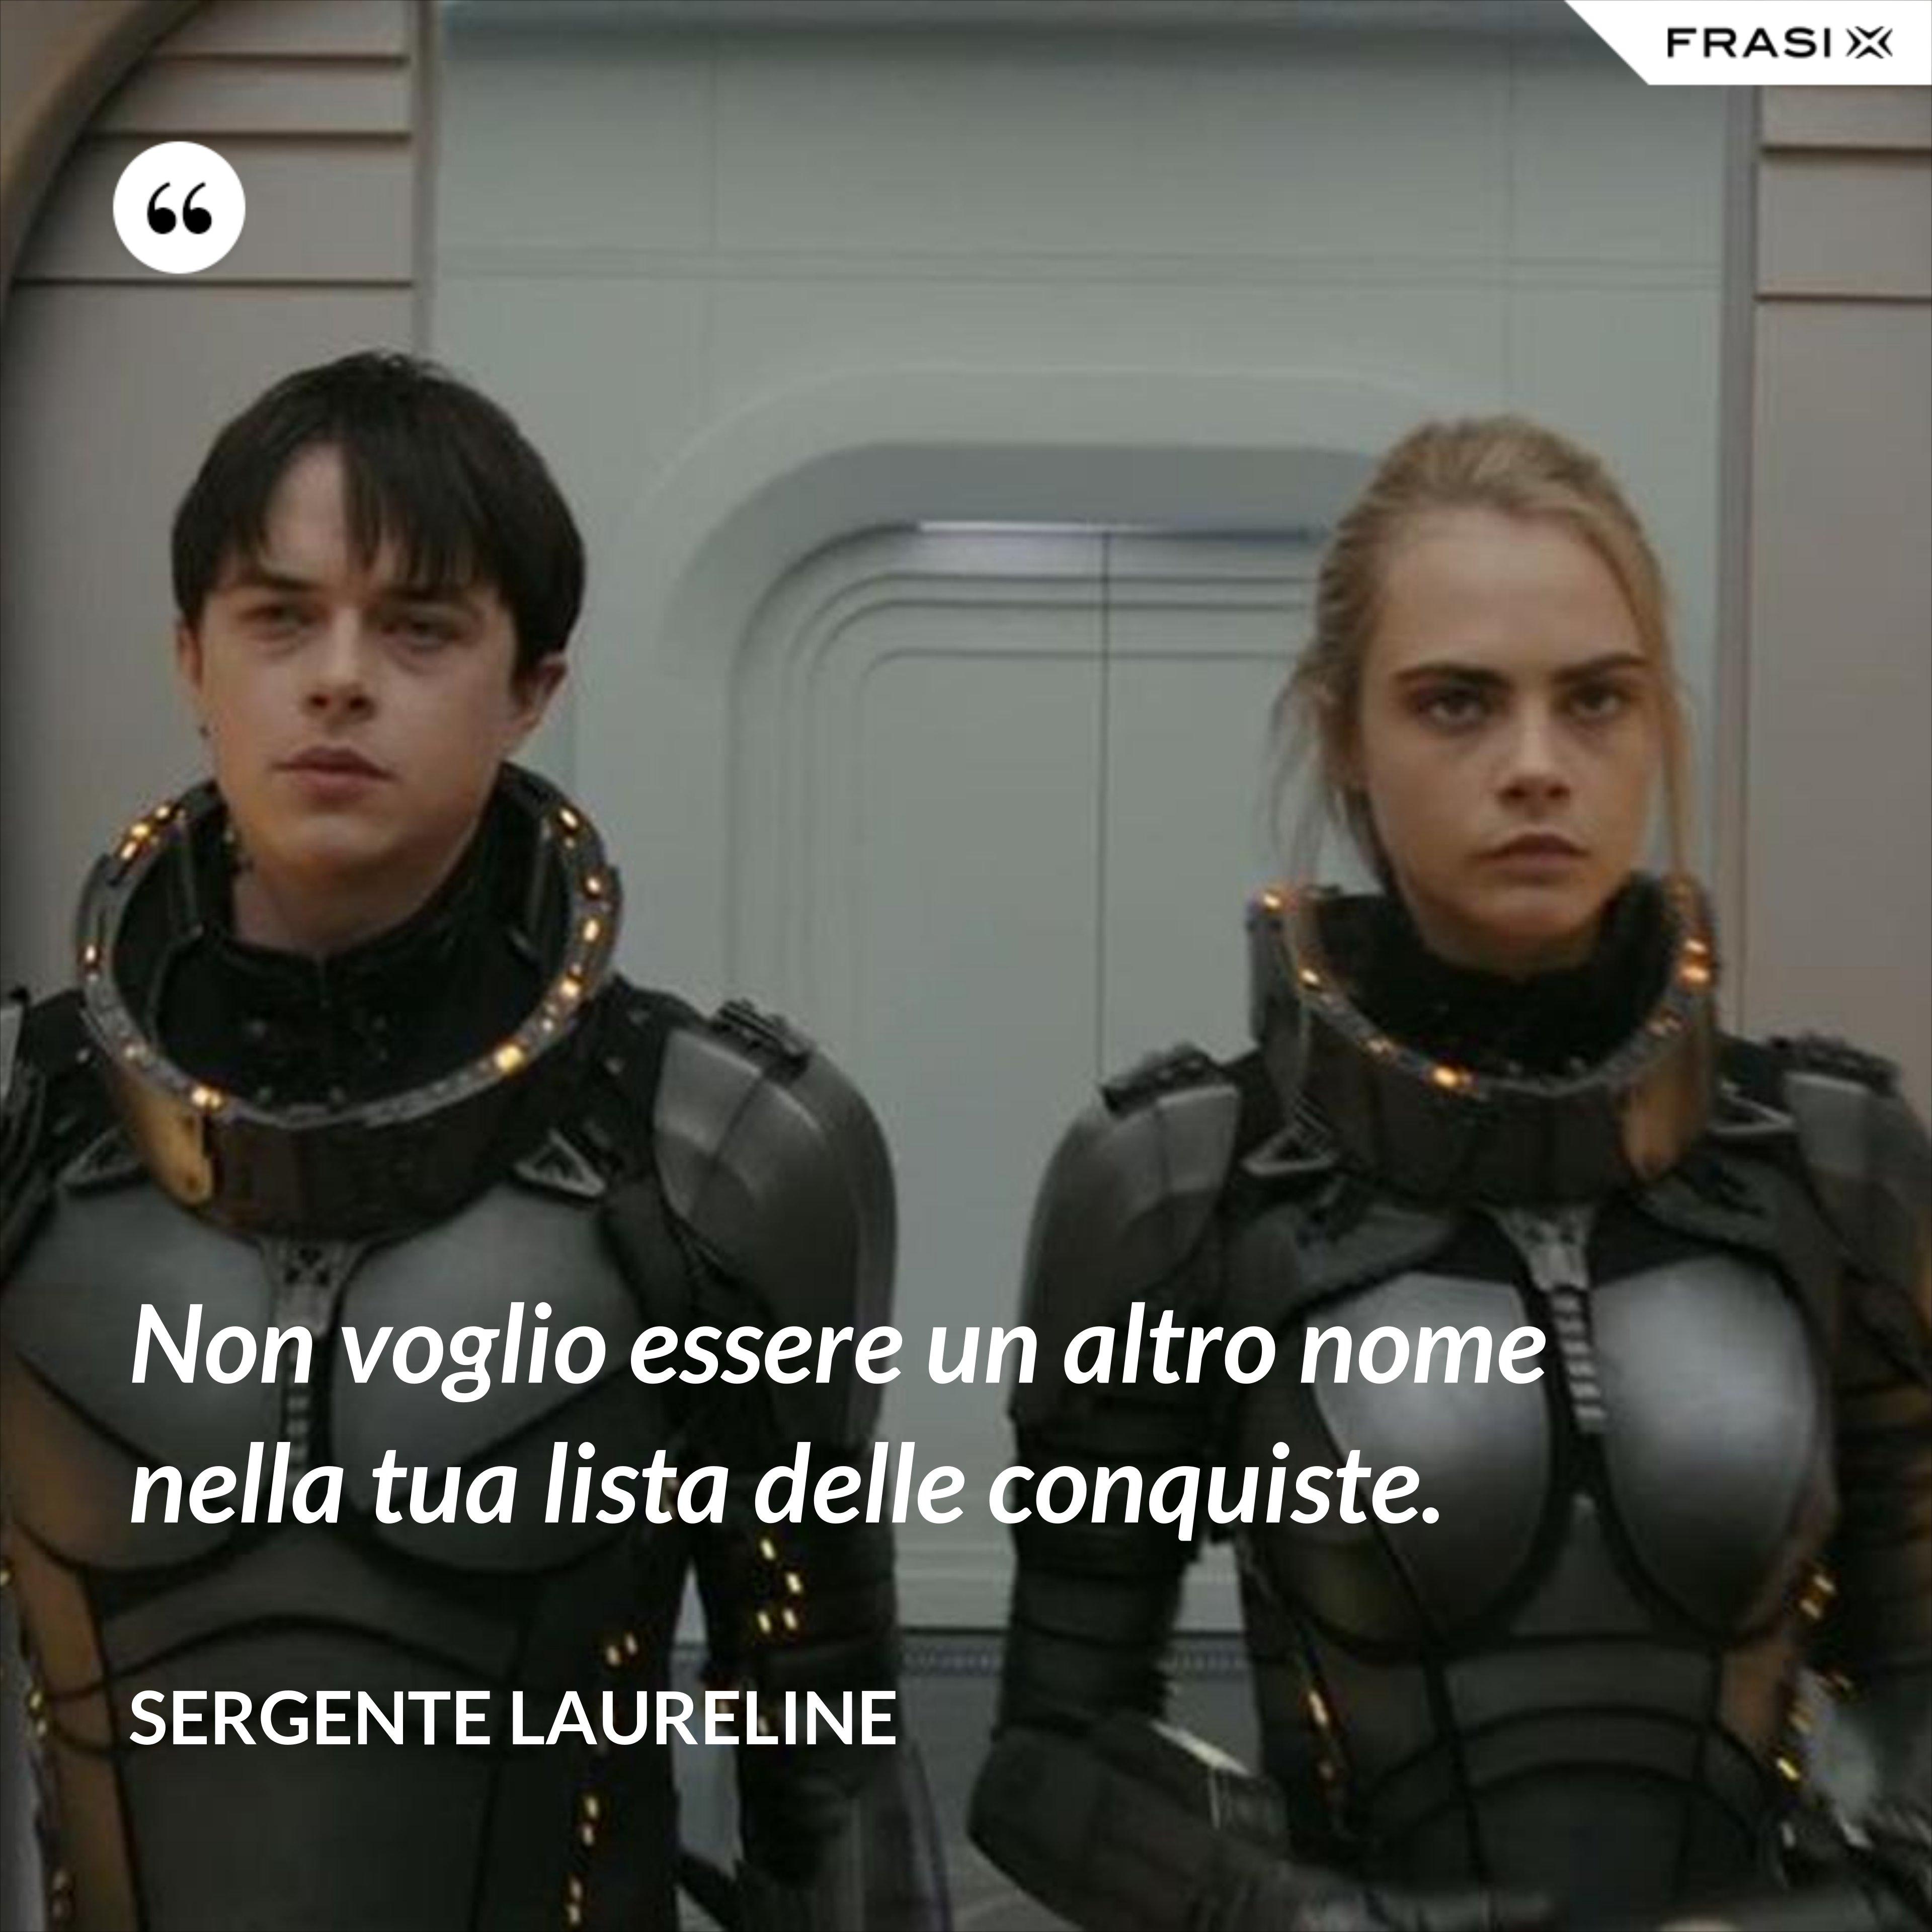 Non voglio essere un altro nome nella tua lista delle conquiste. - Sergente Laureline